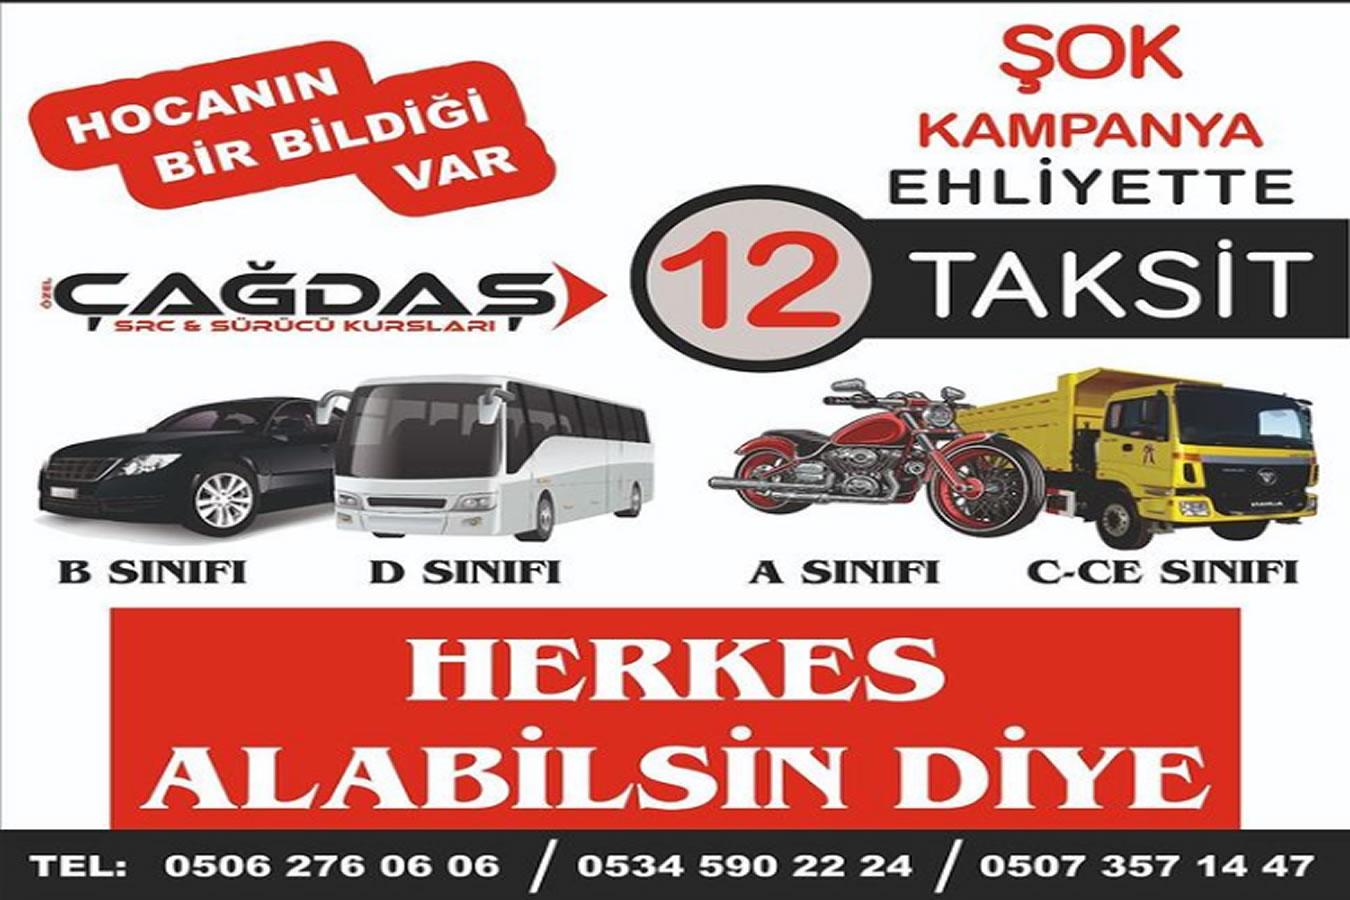 Sürücü Kursu Ehliyet Fiyatları